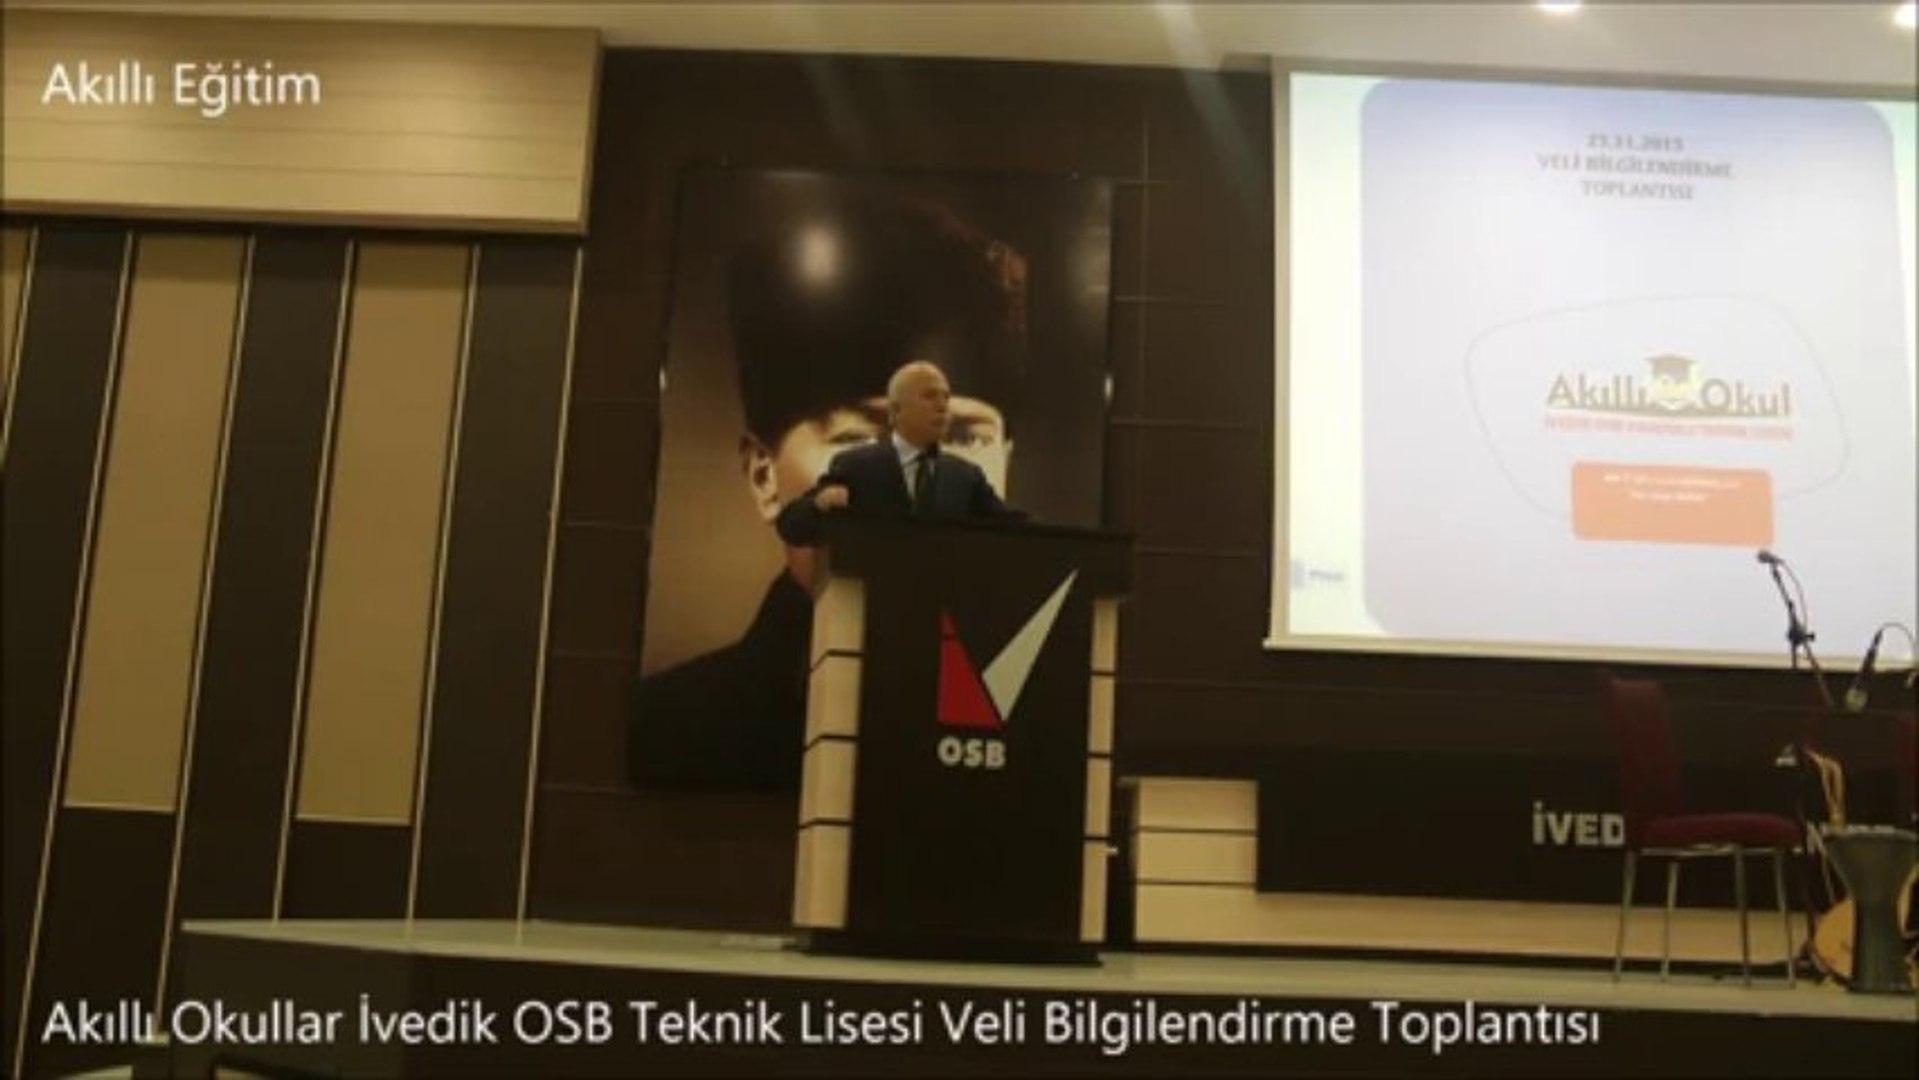 Ivedik Osb Baskani Hasan Gultekin In Ivedik Osb Teknik Lisesi Veli Bilgilendirme Toplantisi Konusmasi